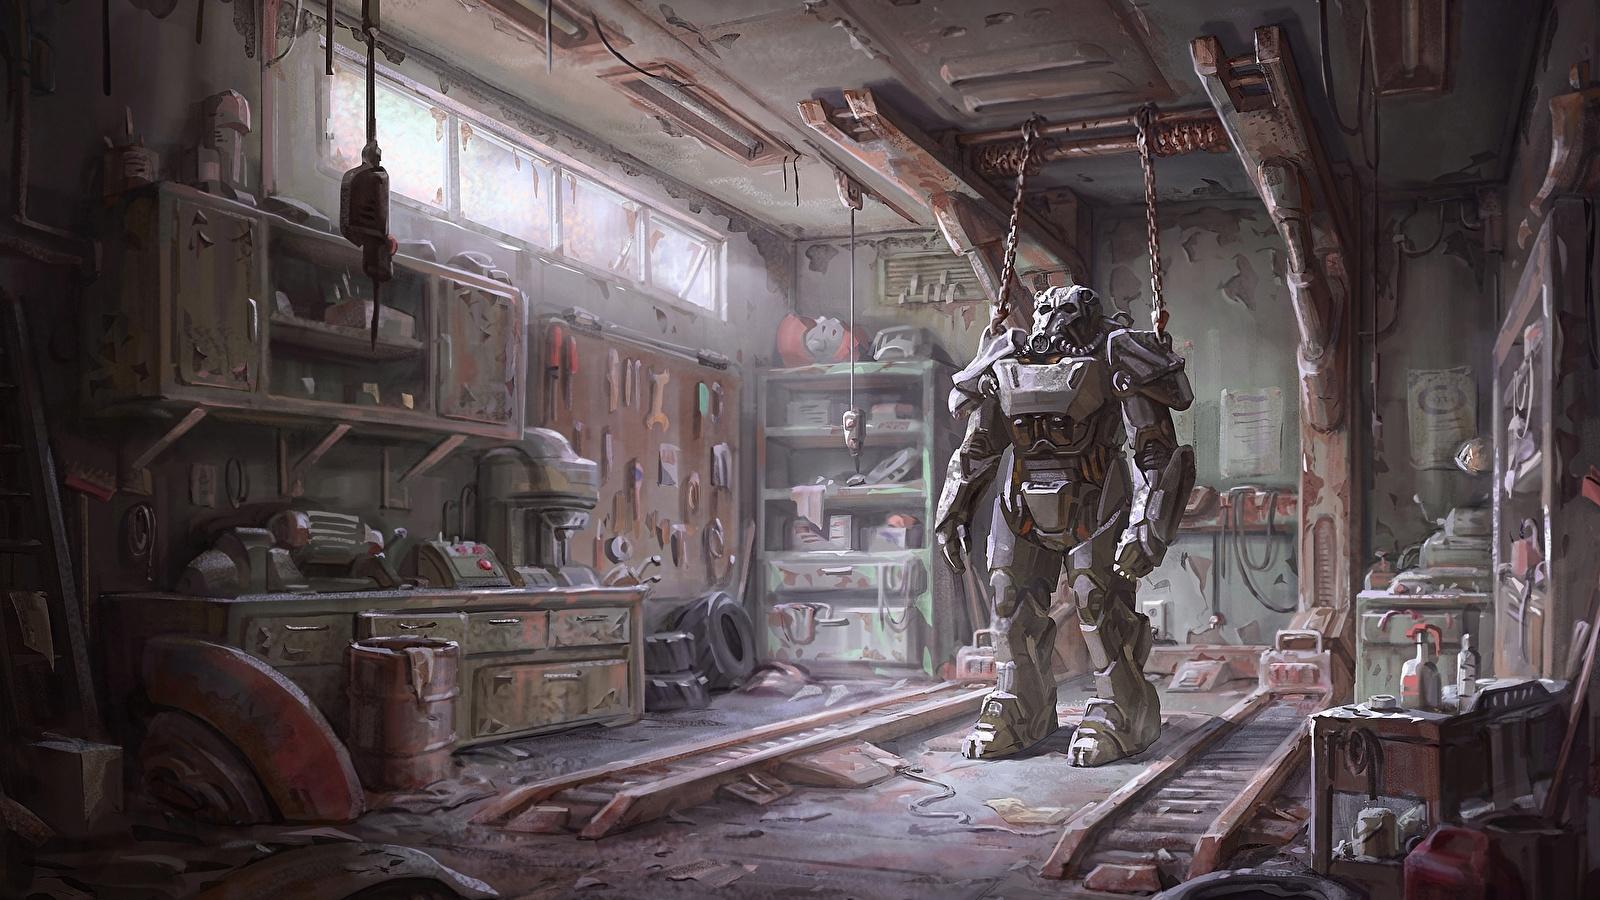 fonds d'ecran 1600x900 guerrier fallout 4 garage armure jeux fantasy